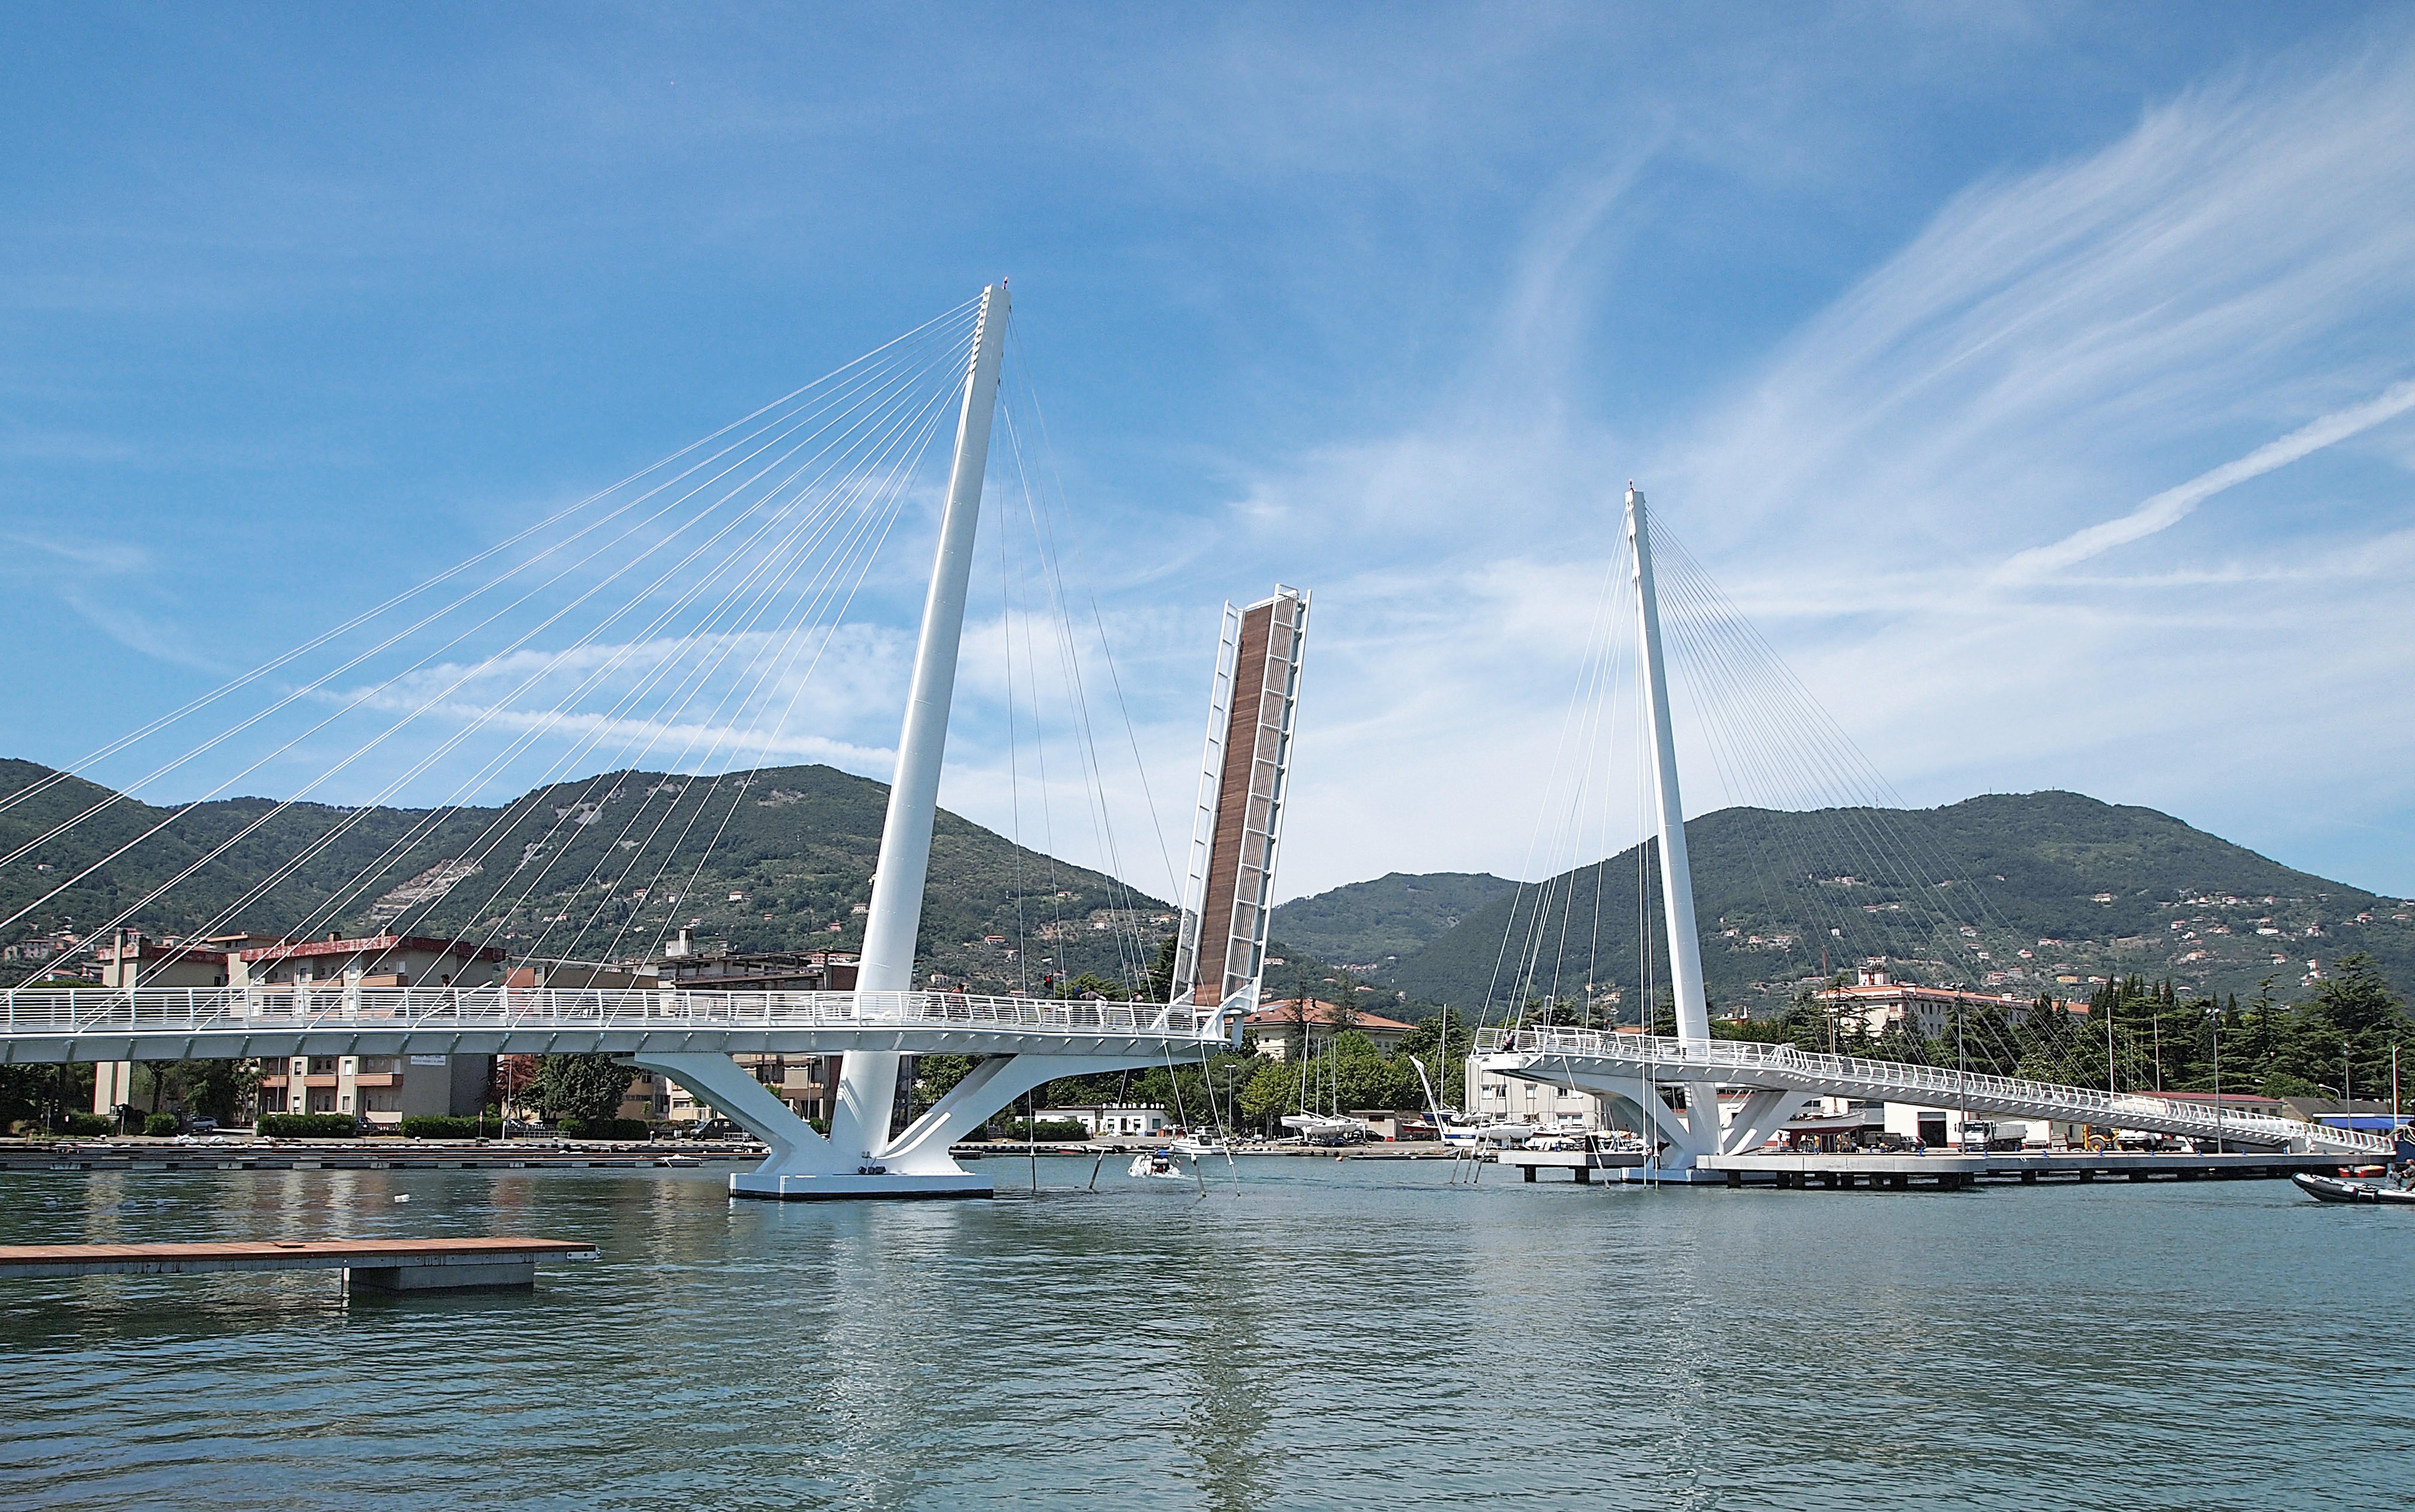 ponte aperto da rampa Mirabello_Rit.jpg